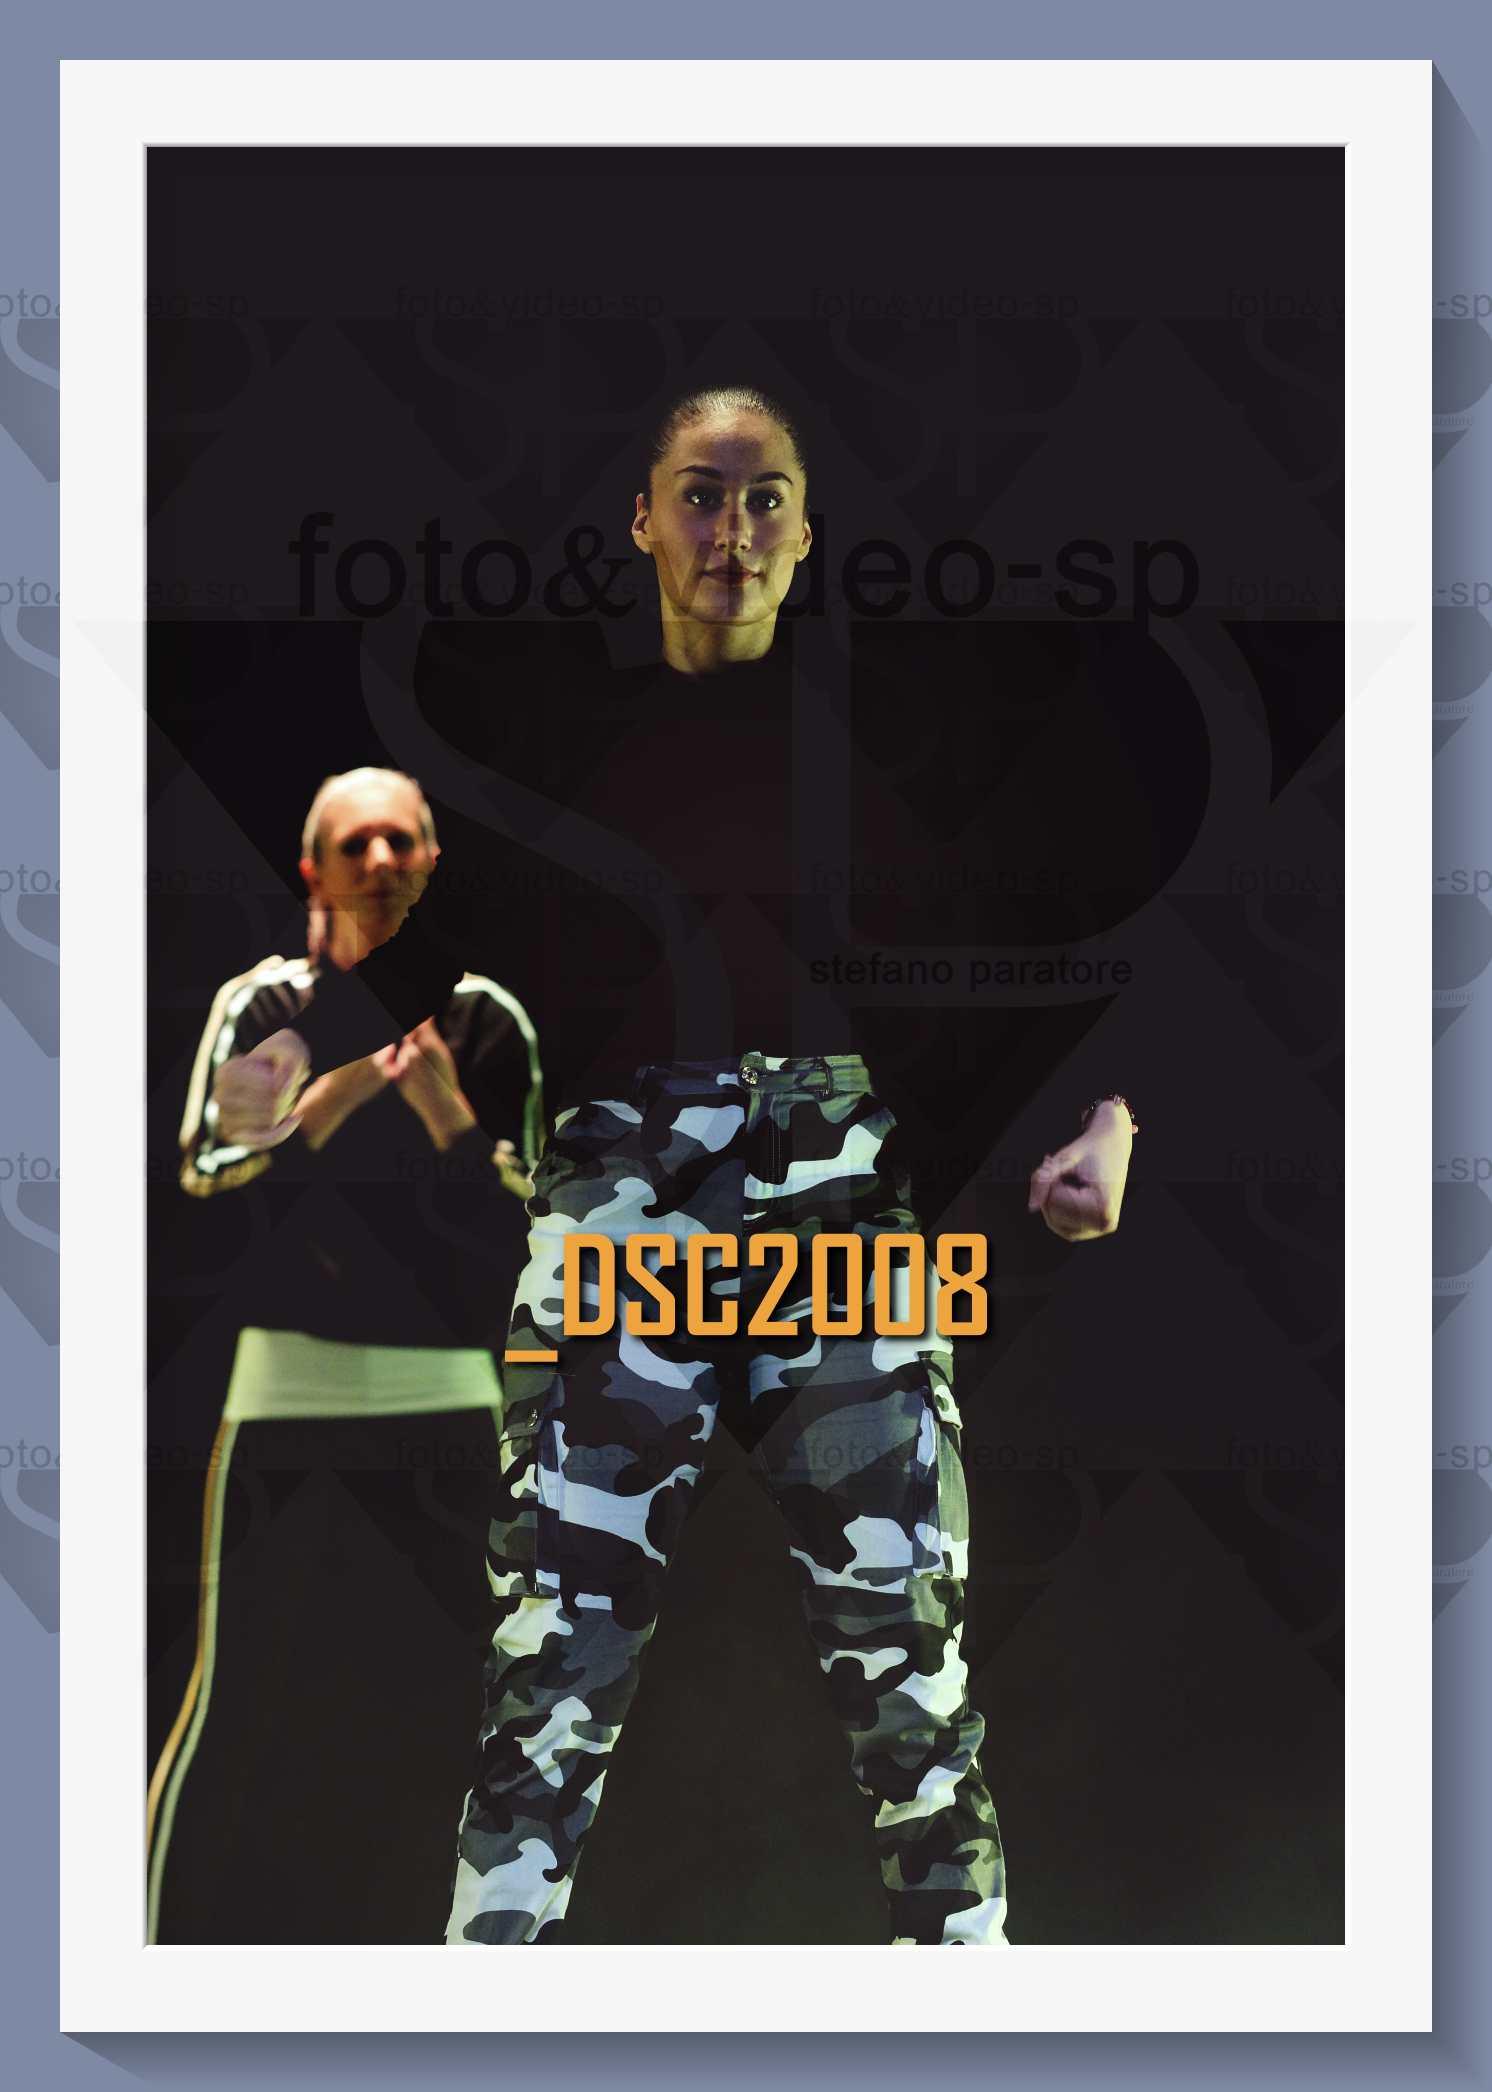 DSC2008